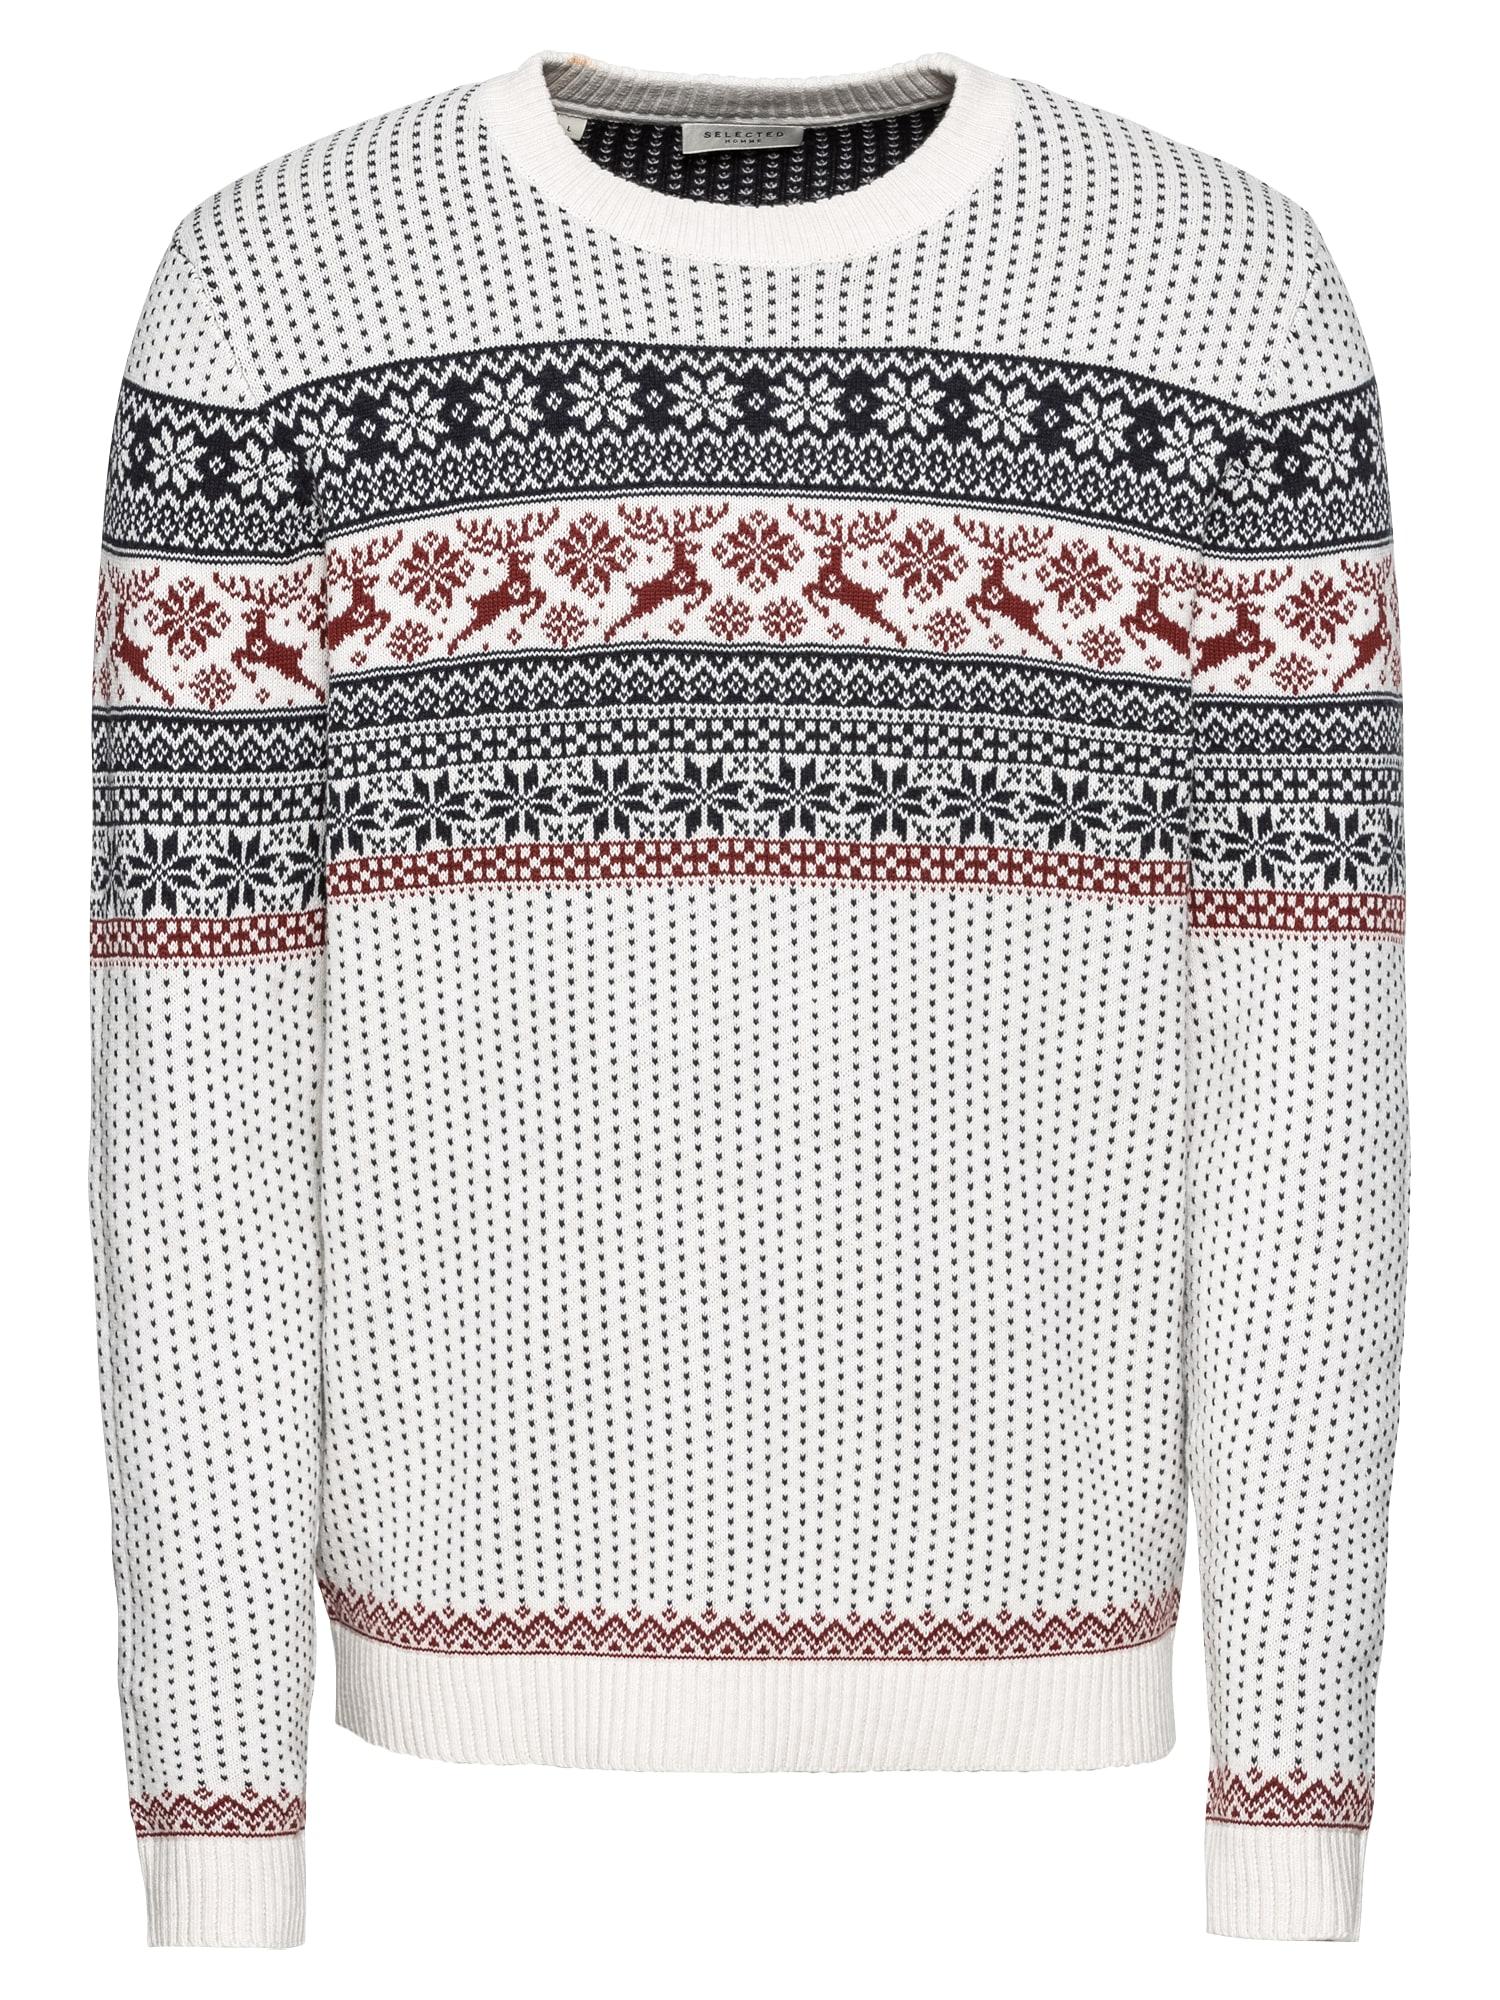 Norwegerpullover 'SLHDEER CREW NECK W EX'   Bekleidung > Pullover > Norwegerpullover   Selected Homme